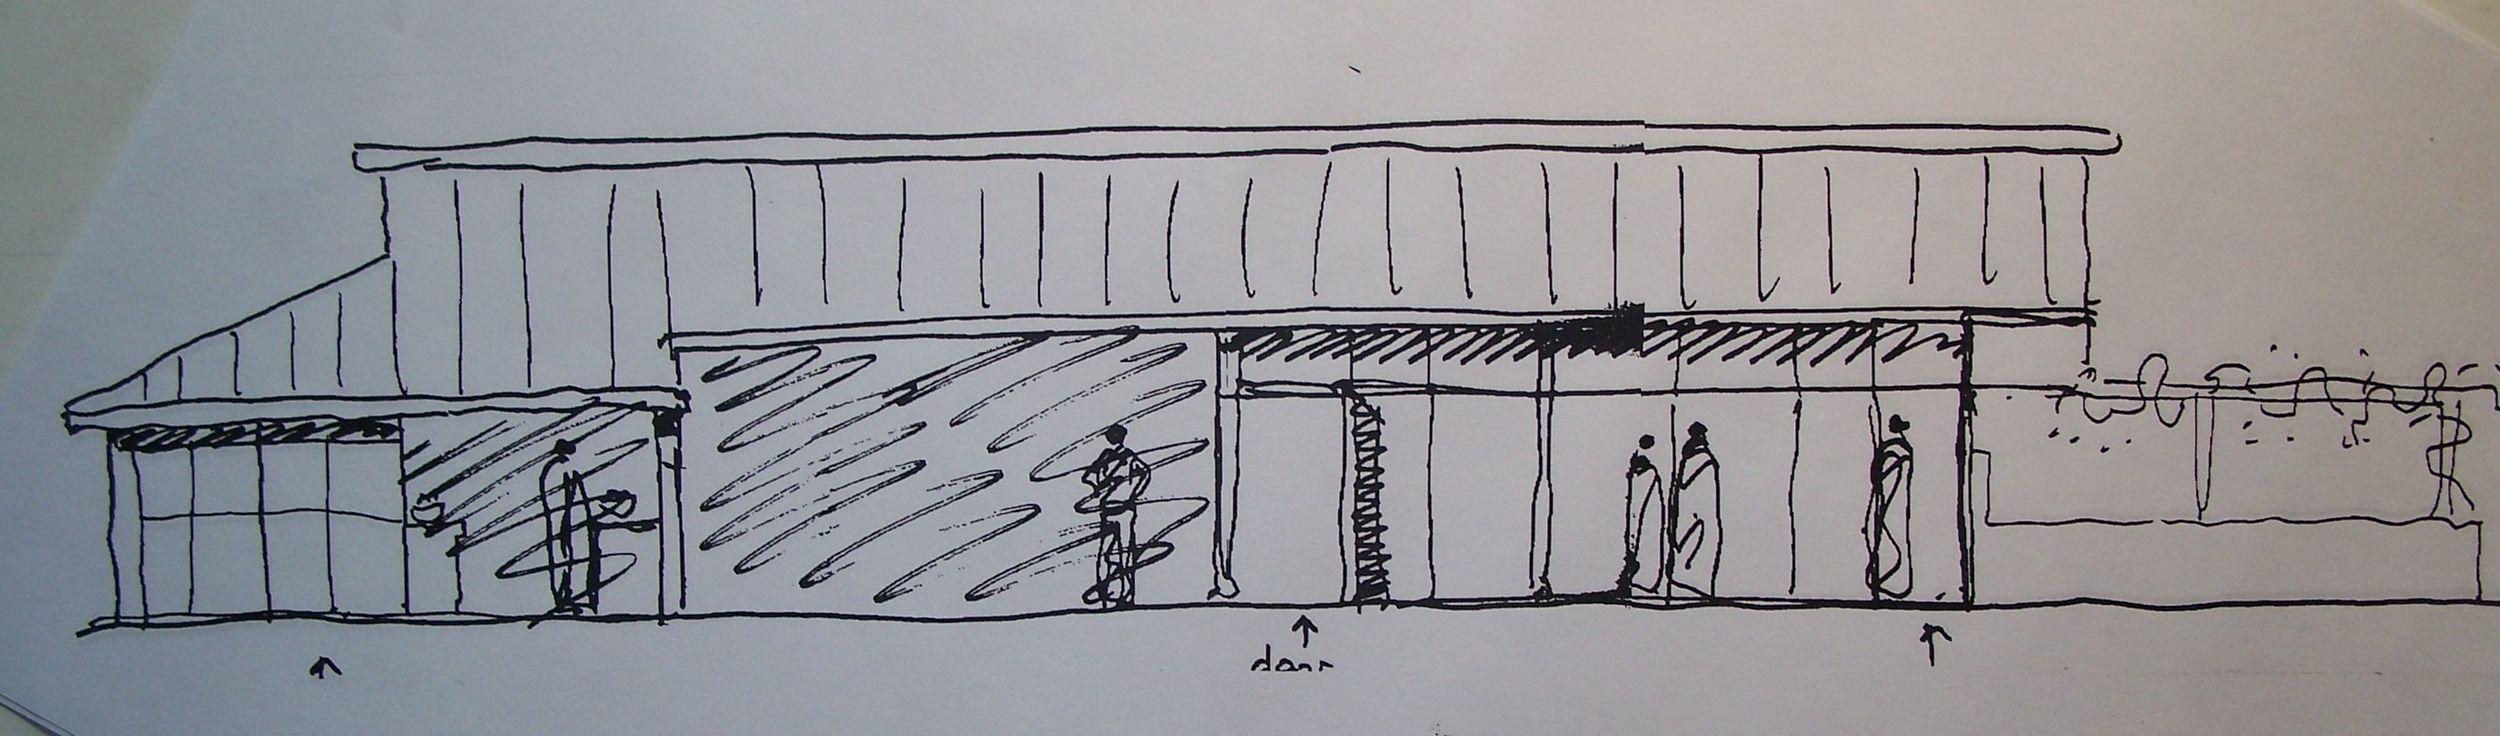 JC misc sketches 035.jpg